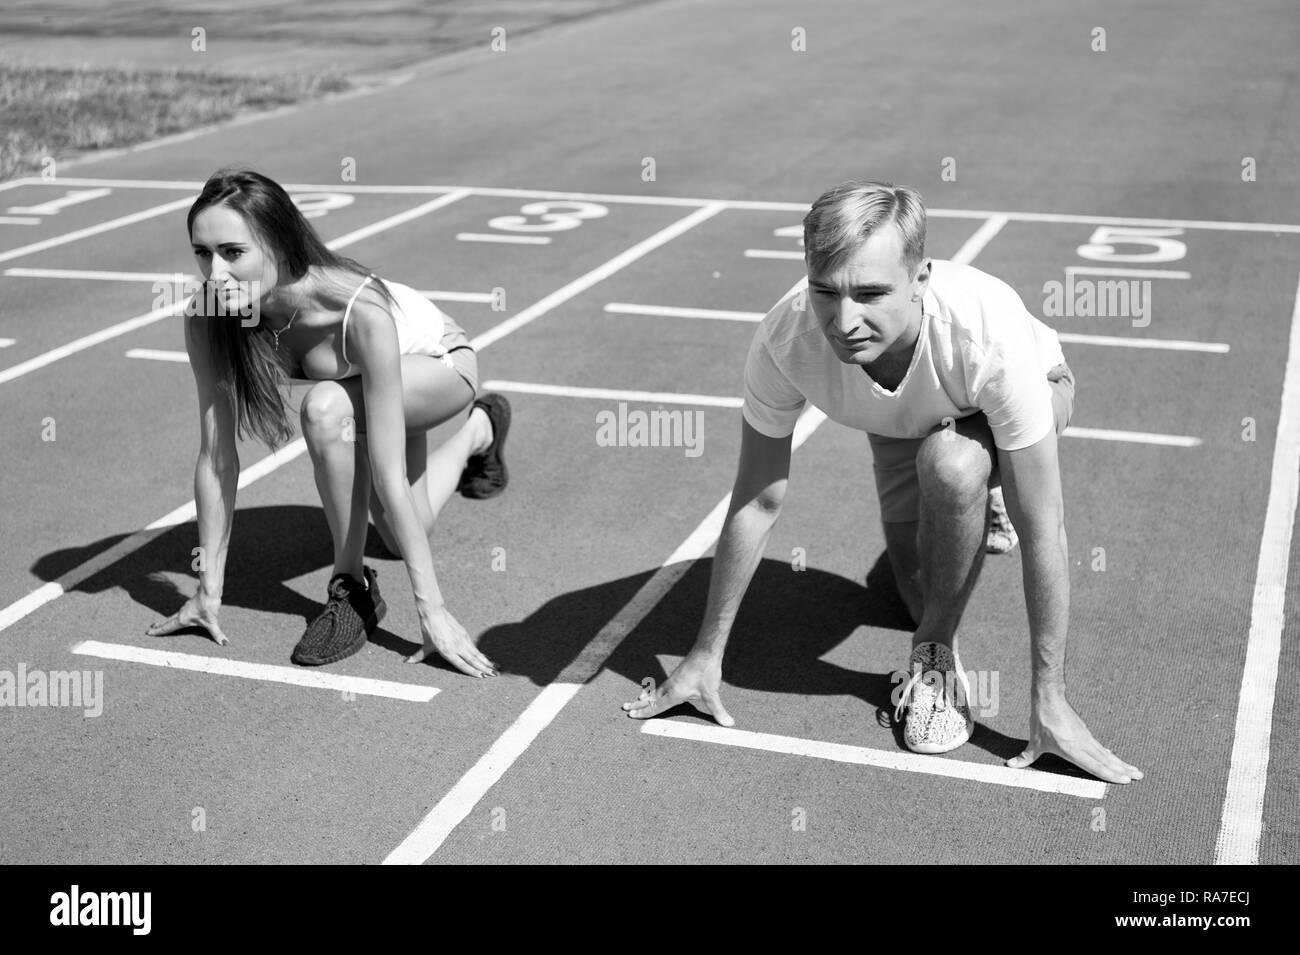 Mann und Frau niedrigen Startposition Lauffläche Stadion. Läuft der Wettbewerb Geschlecht oder Rasse. Schneller Sportler erzielen Sieg. Sport Herausforderung für Paare. Jeder hat die Chance. Gleichen Kräften Konzept. Stockbild